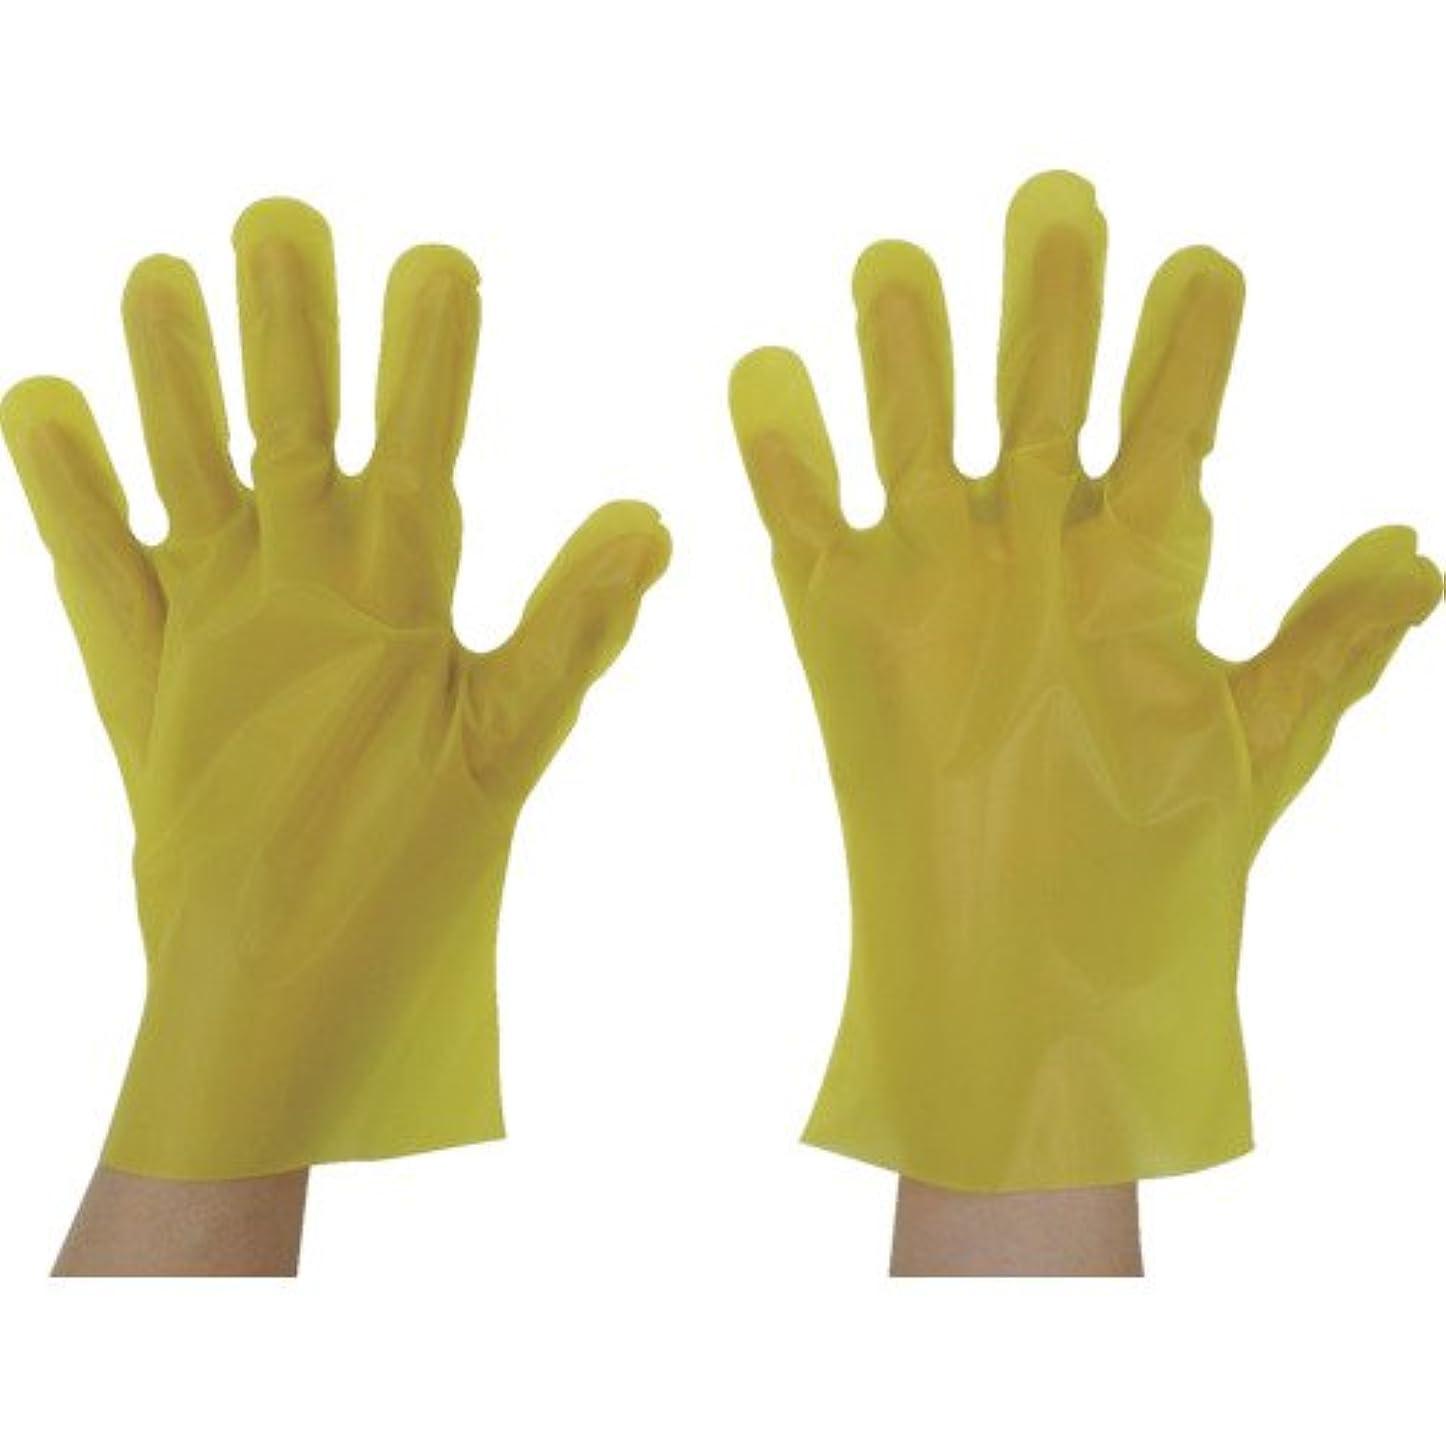 東京パック エンボス手袋五本絞りエコノミー化粧箱M イエロー(入数:200枚) YEK-M